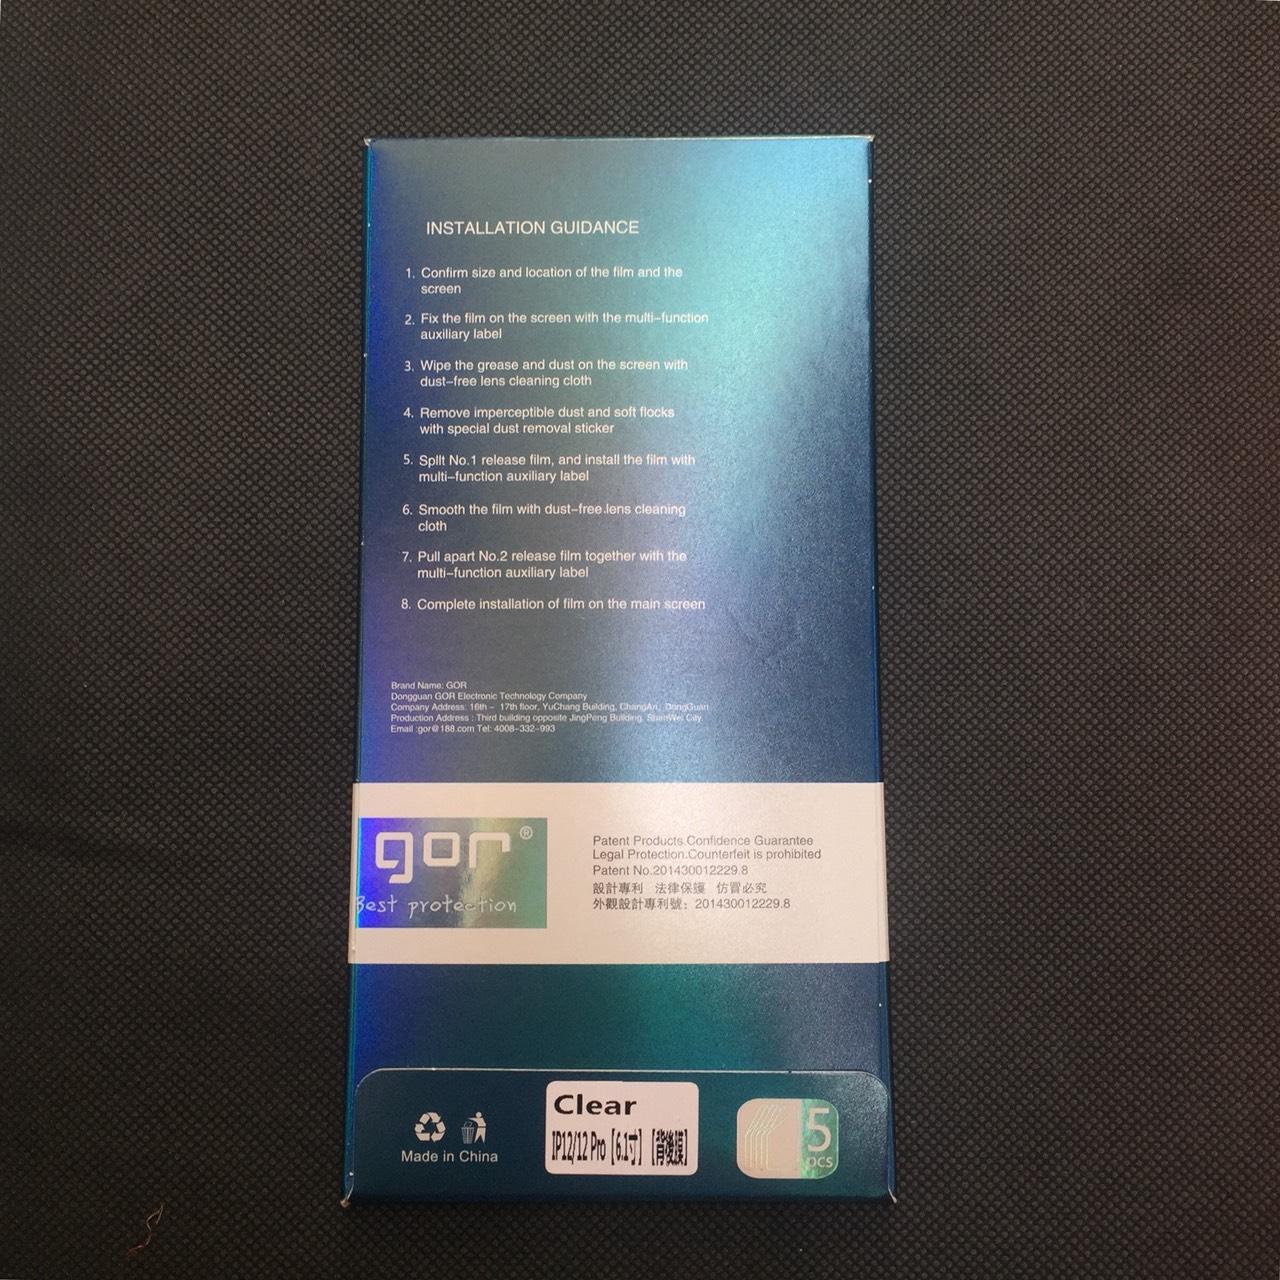 Bộ 5 dán dẻo Gor cho iPhone 12 Pro Max, 12 Pro, 12, 12 Mini bảo vệ máy ( 5 miếng mặt trước) hàng nhập khẩu